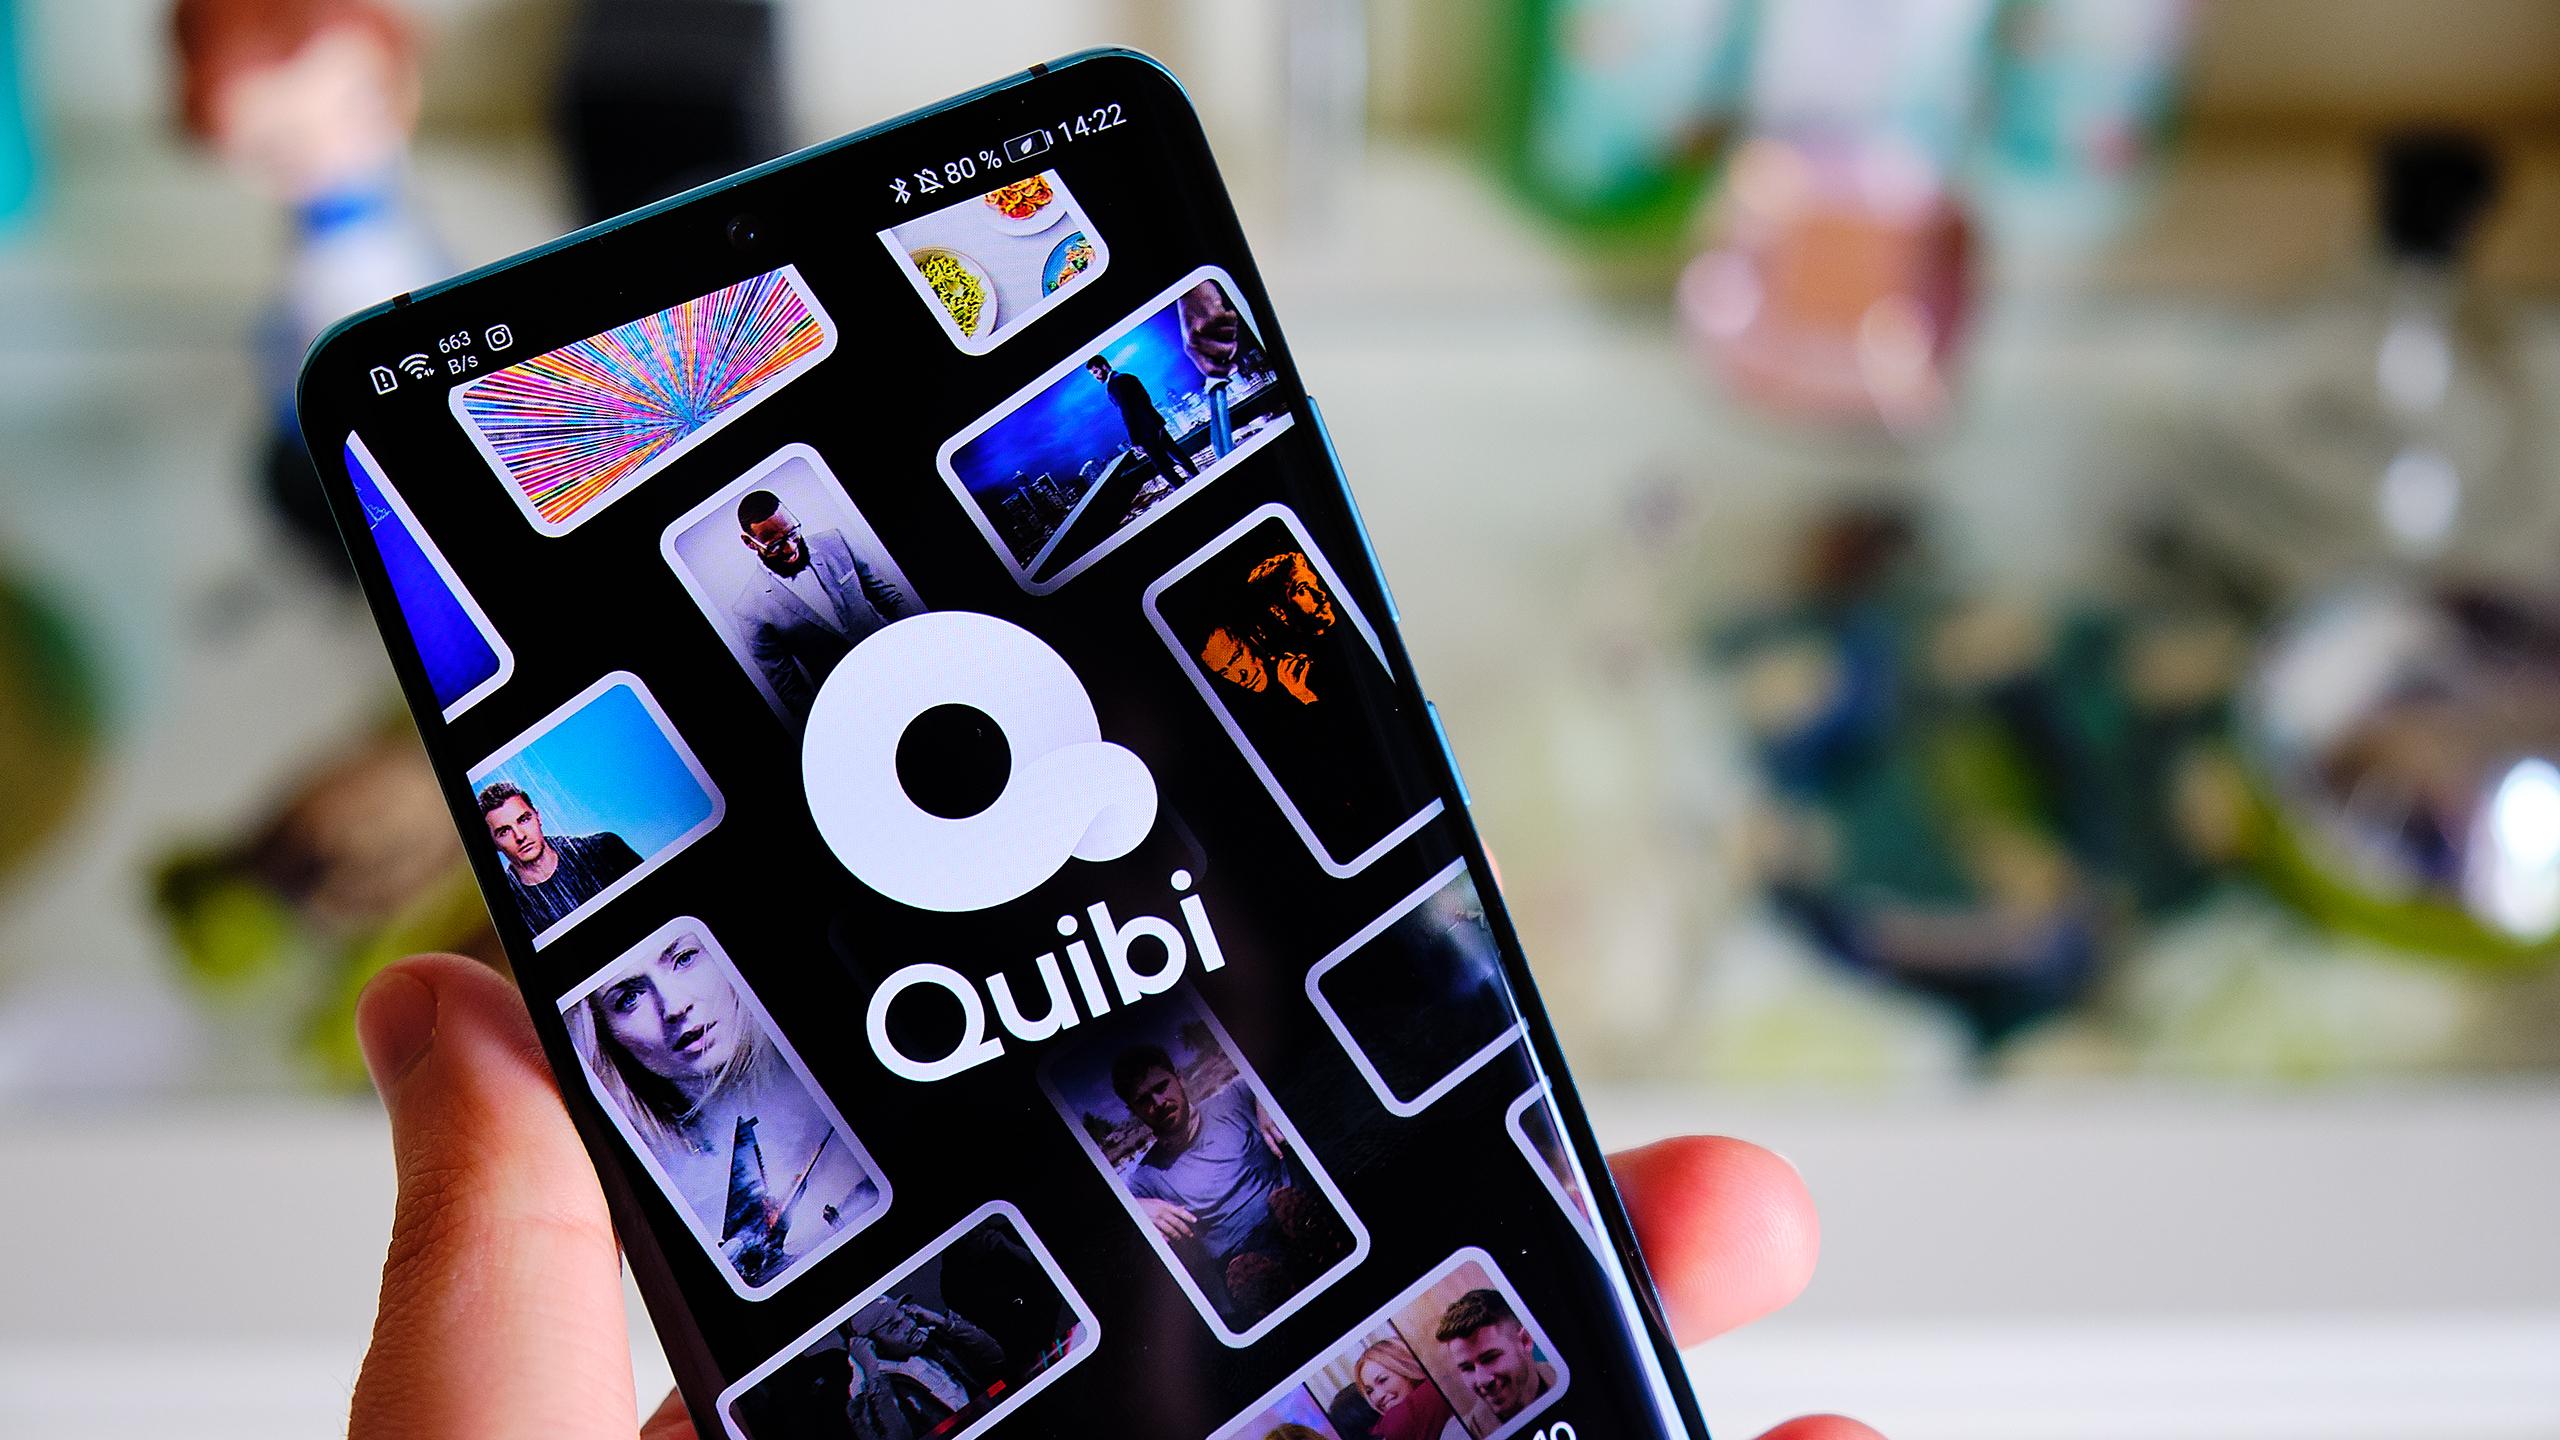 Quibi, la plataforma de streaming en vertical, pierde el 92% de los  usuarios tras el periodo de prueba | Entretenimiento - ComputerHoy.com